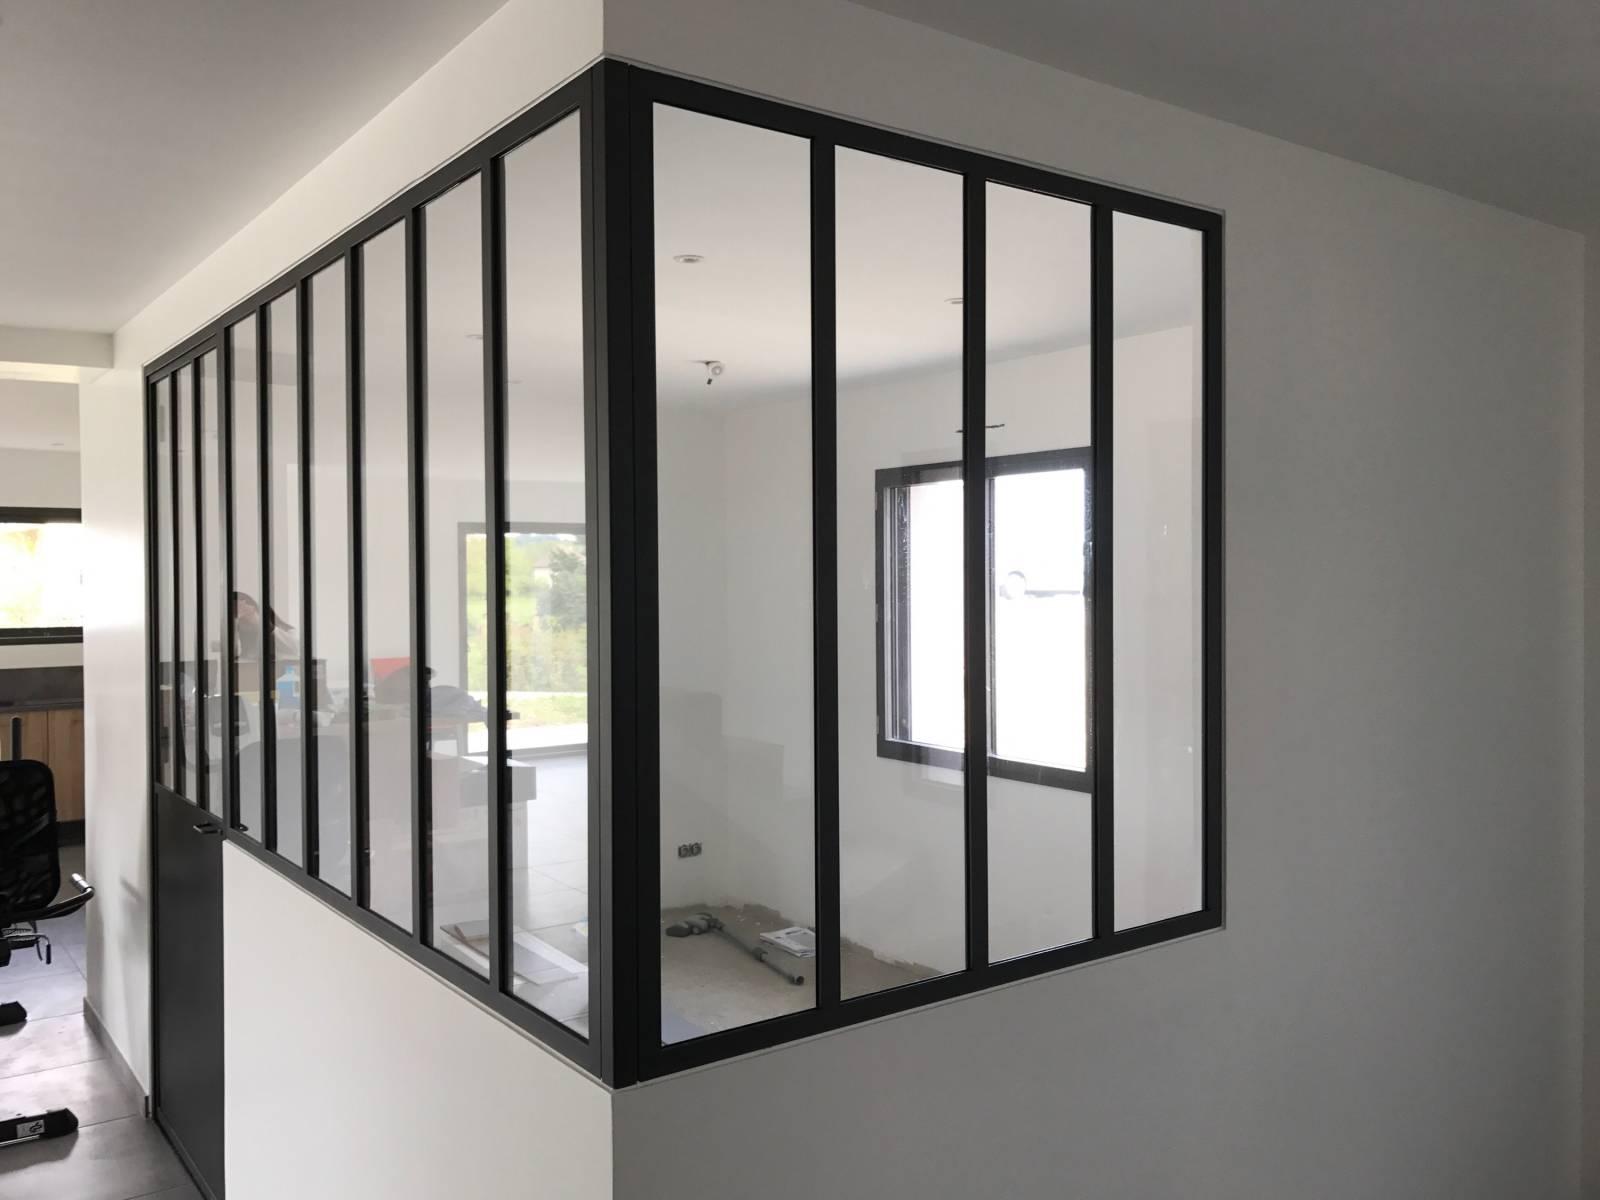 Sogal Traitement De Surface aménagement intérieur